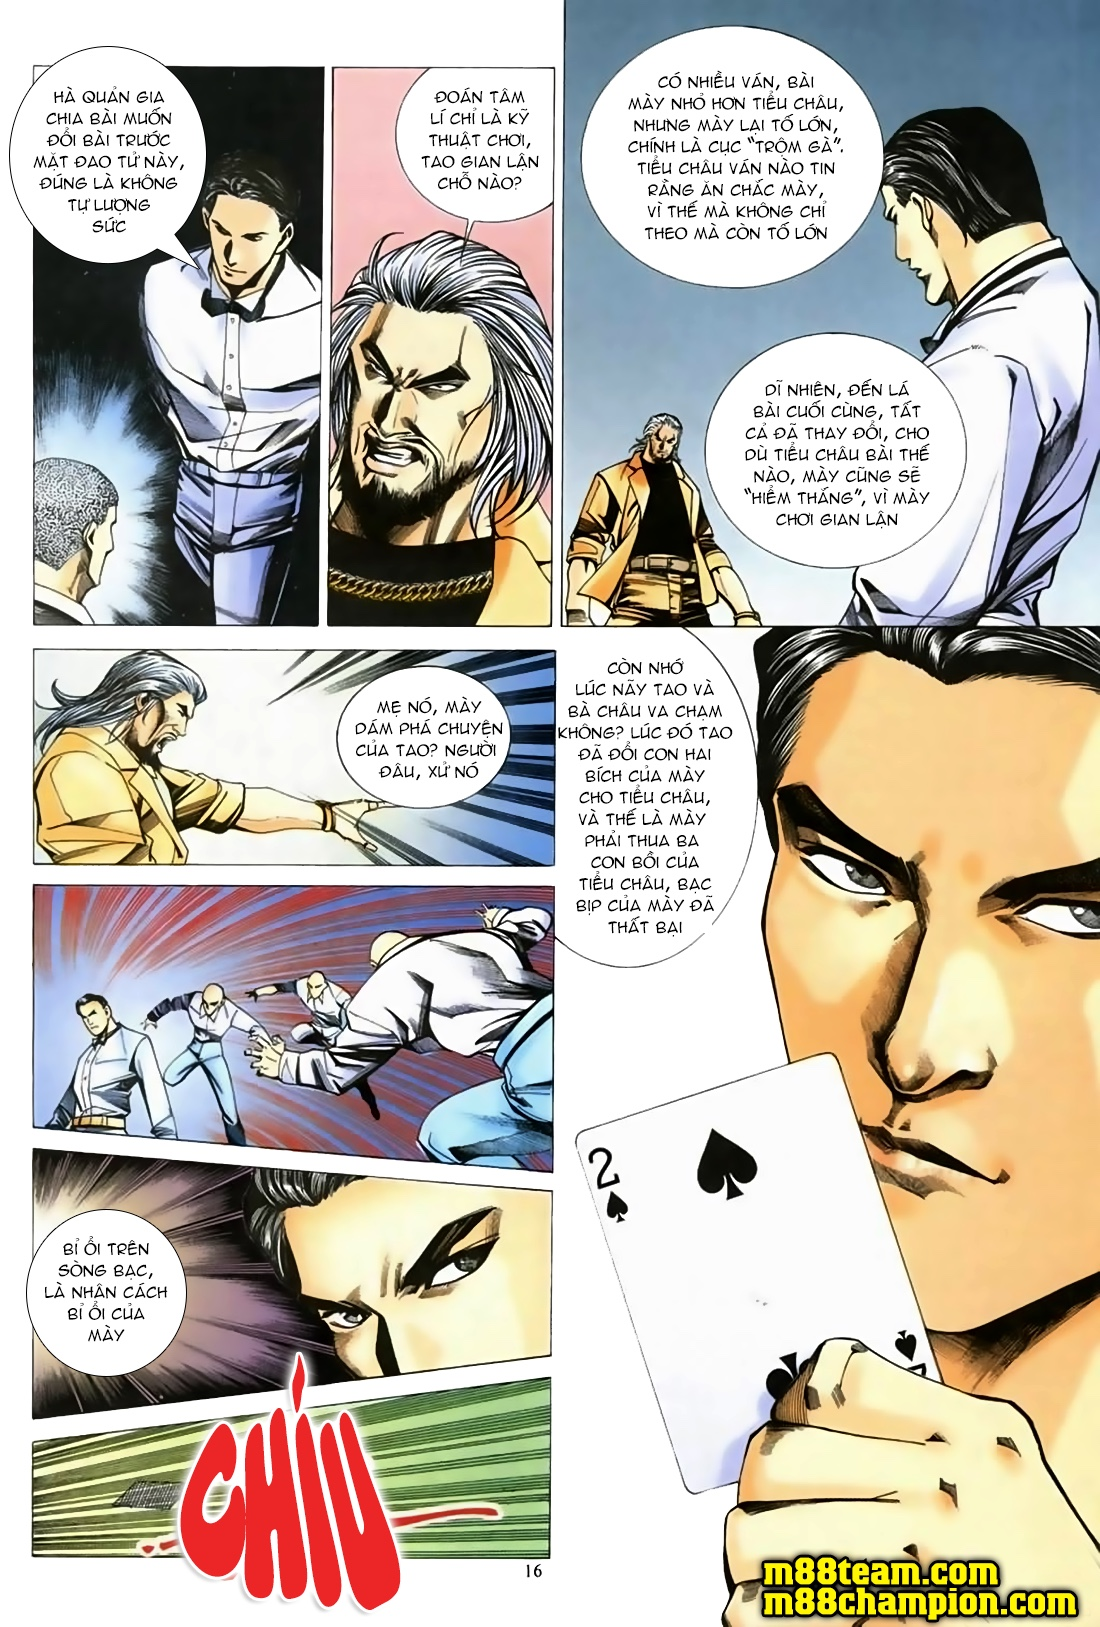 Đổ Hiệp Truyền Kỳ chap 1 - Trang 15